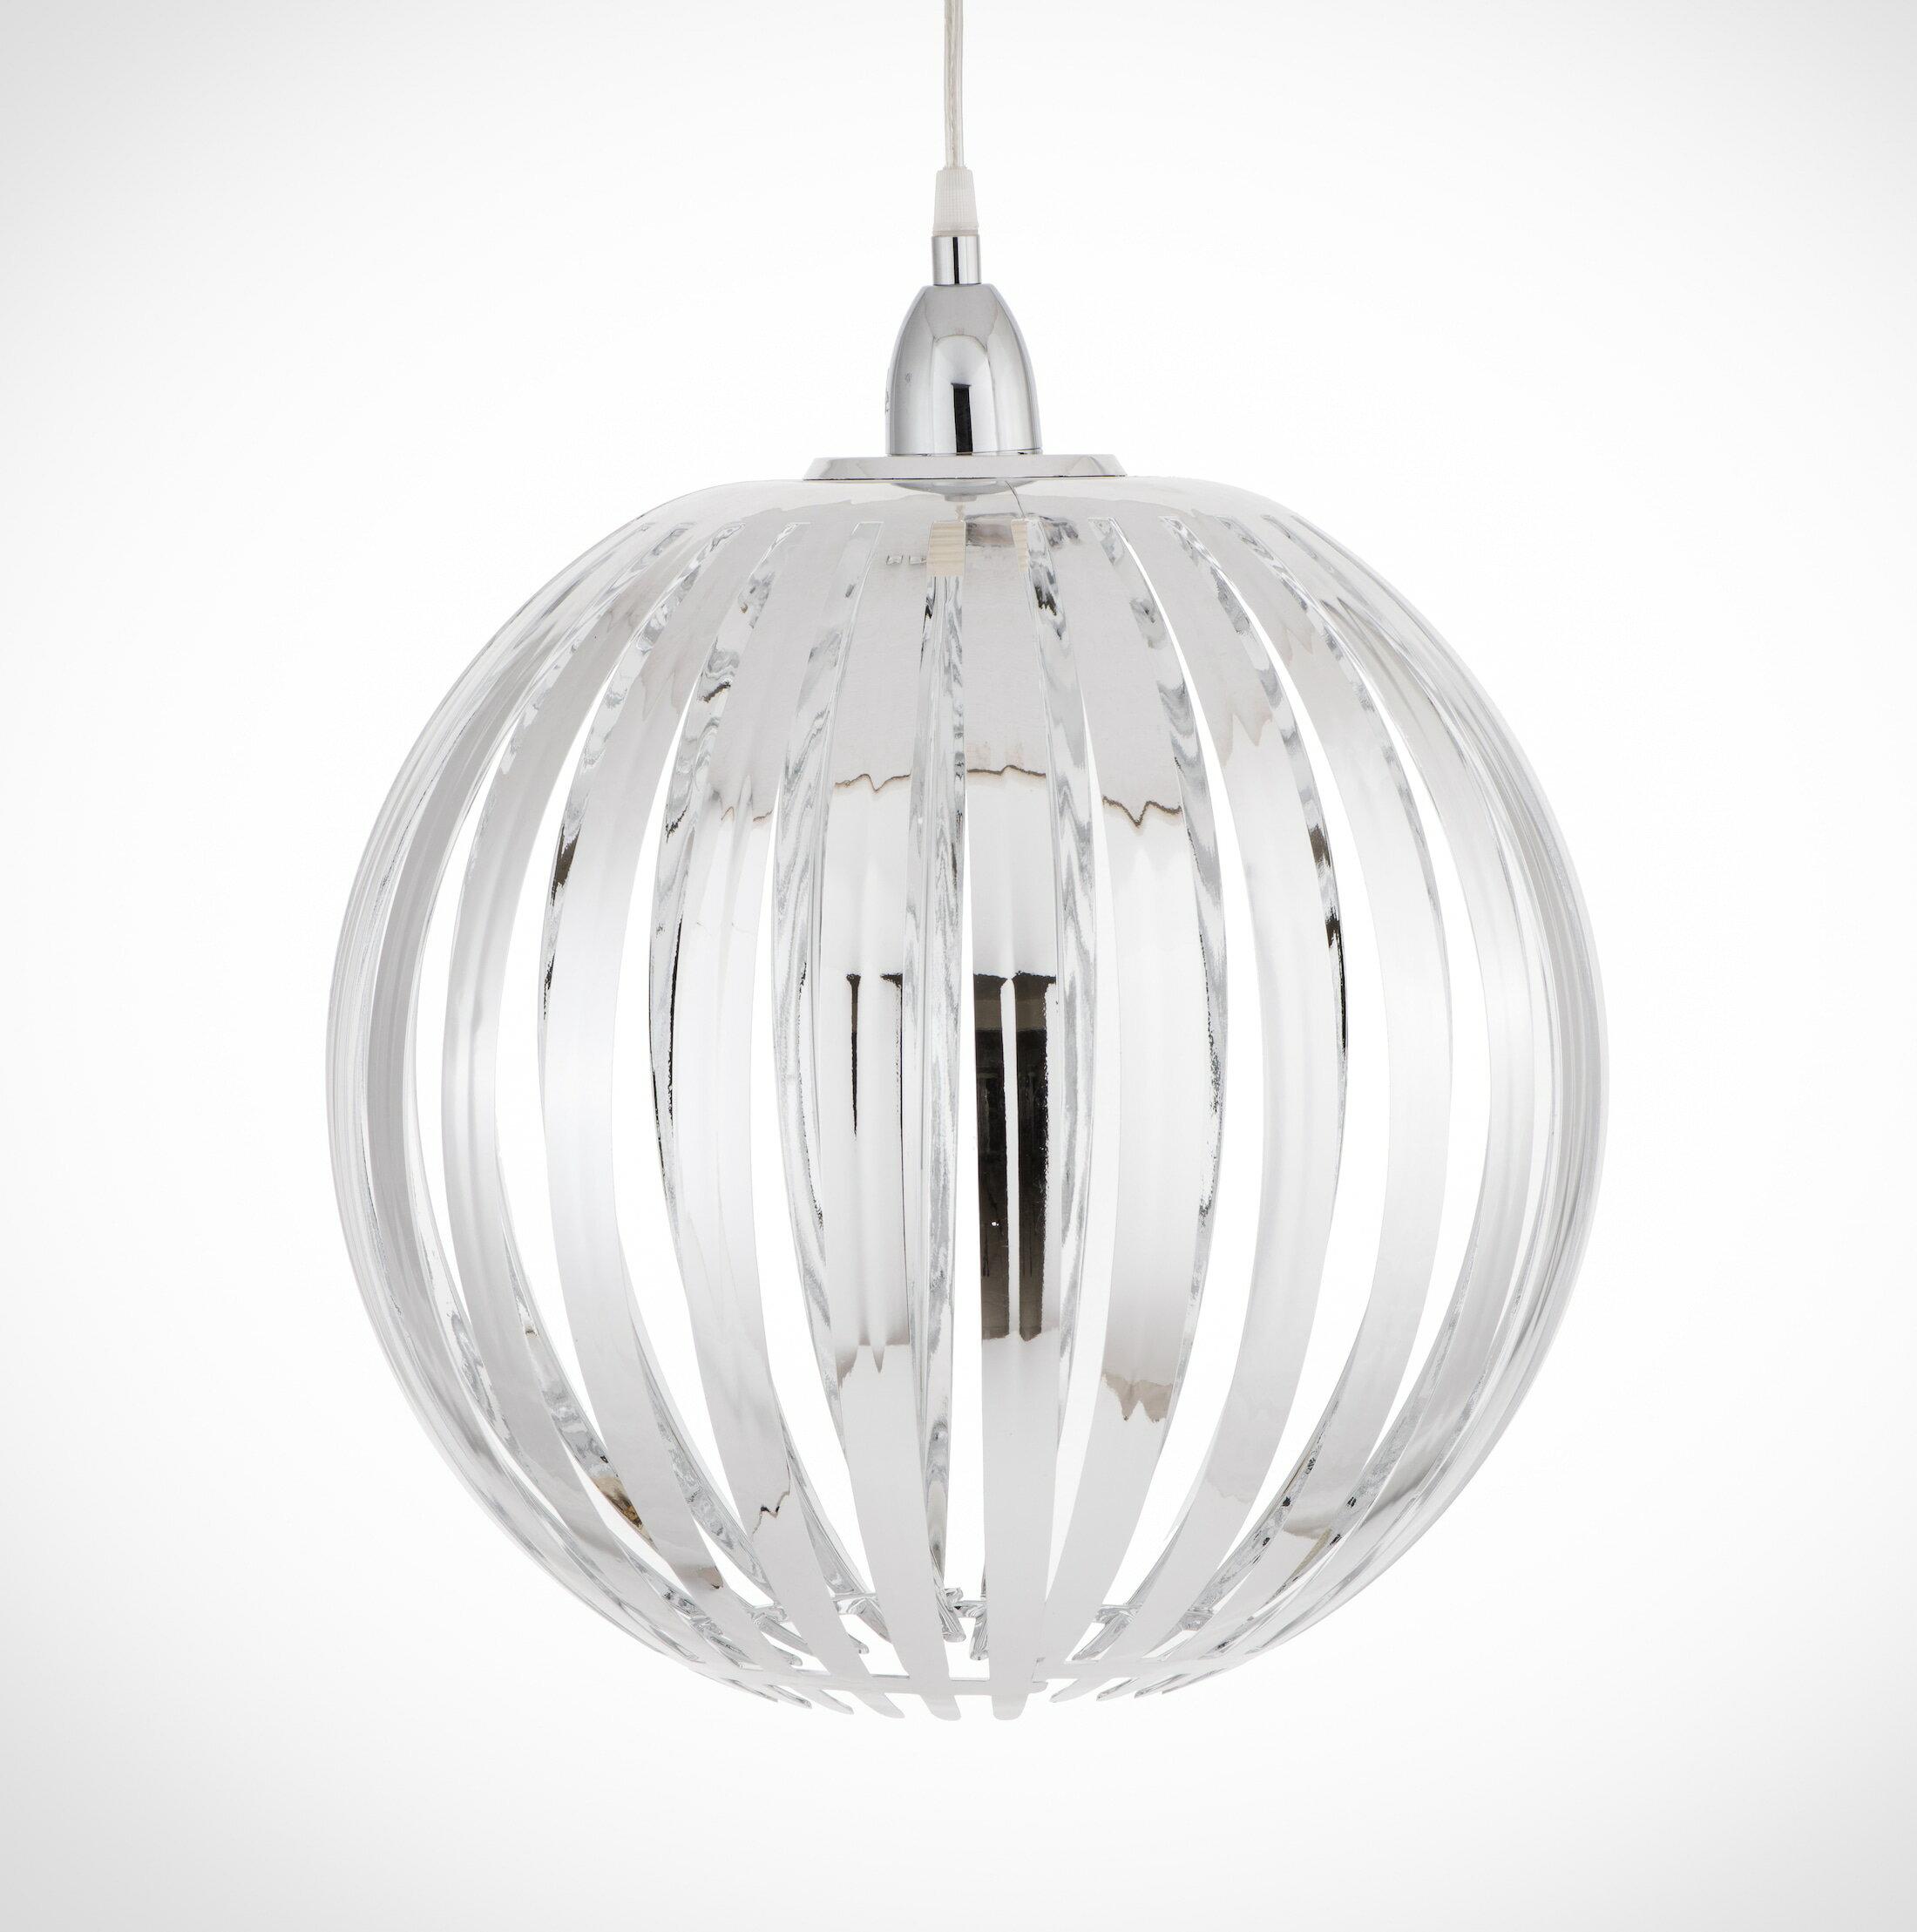 鍍鉻條圓形吊燈-BNL00054 1